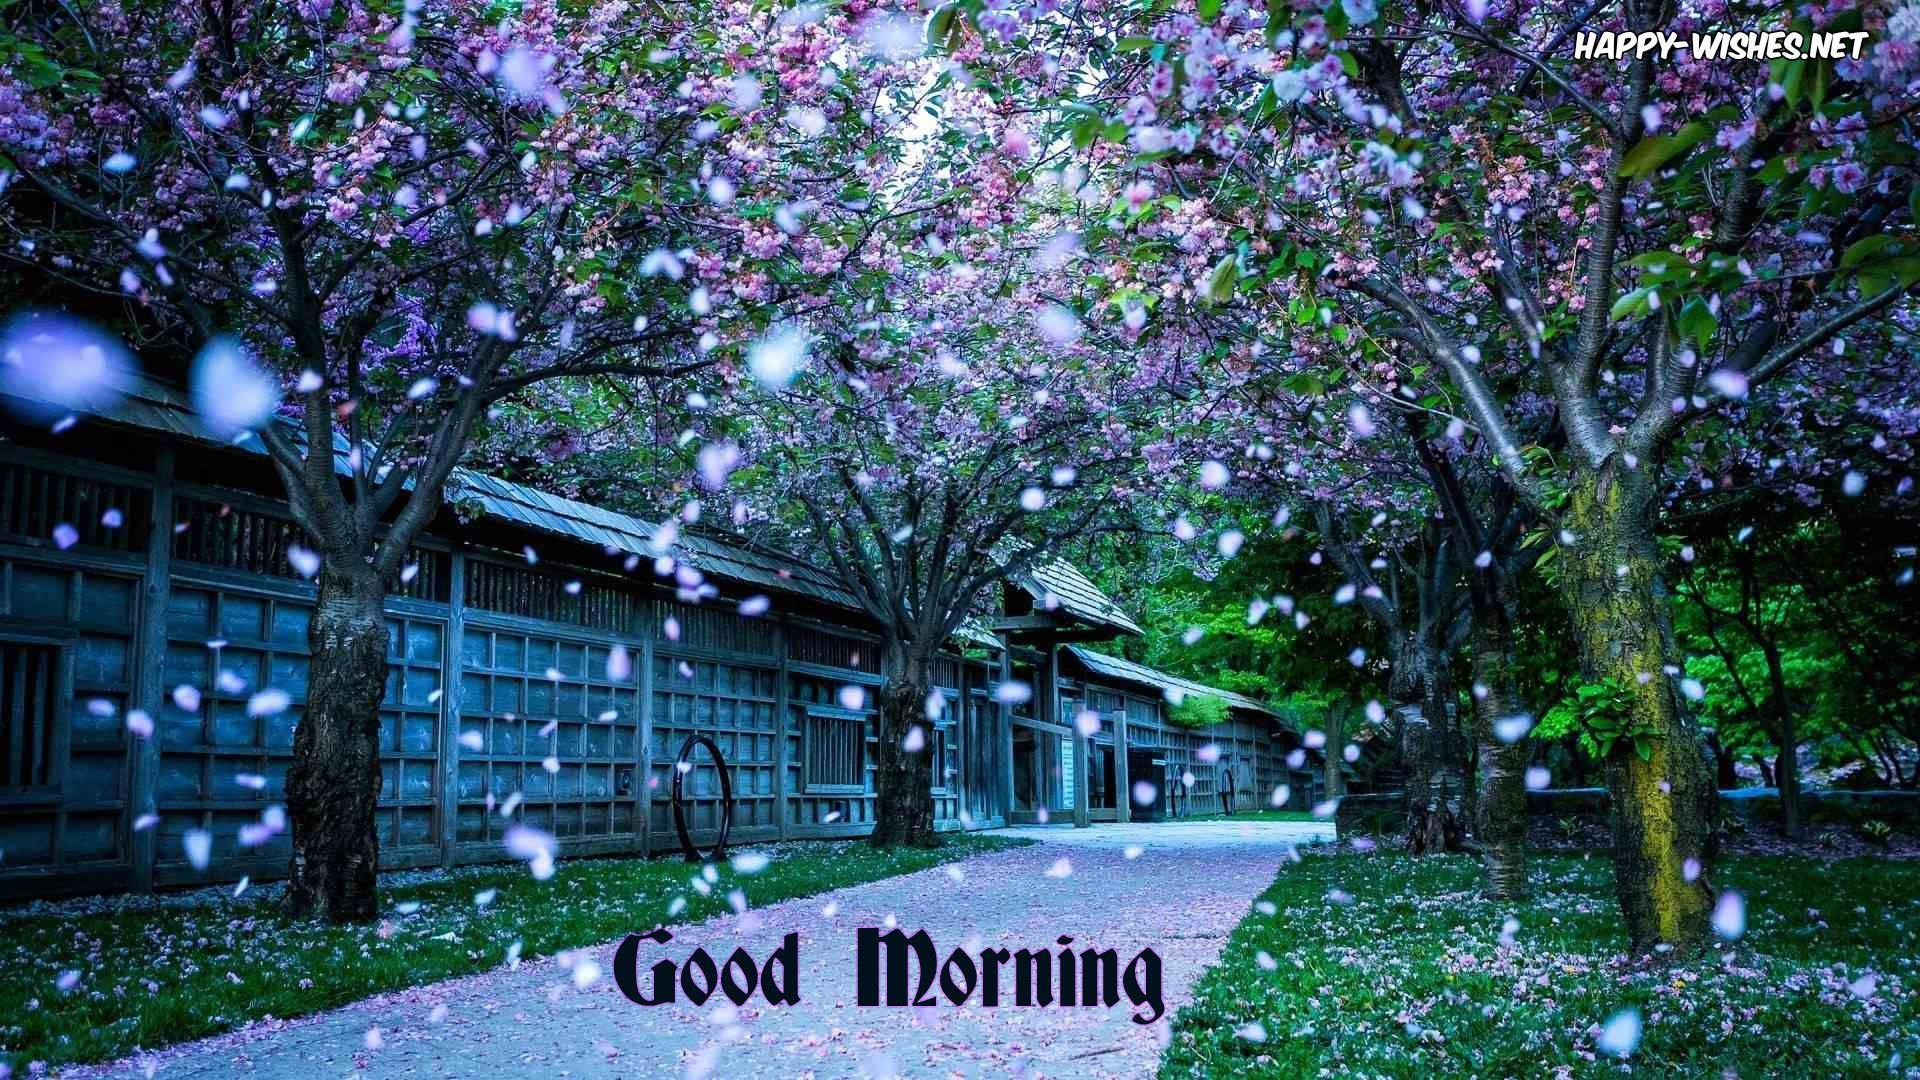 Good Morning Nature Images Spring Desktop Wallpaper Scenery Wallpaper Beautiful Nature Wallpaper